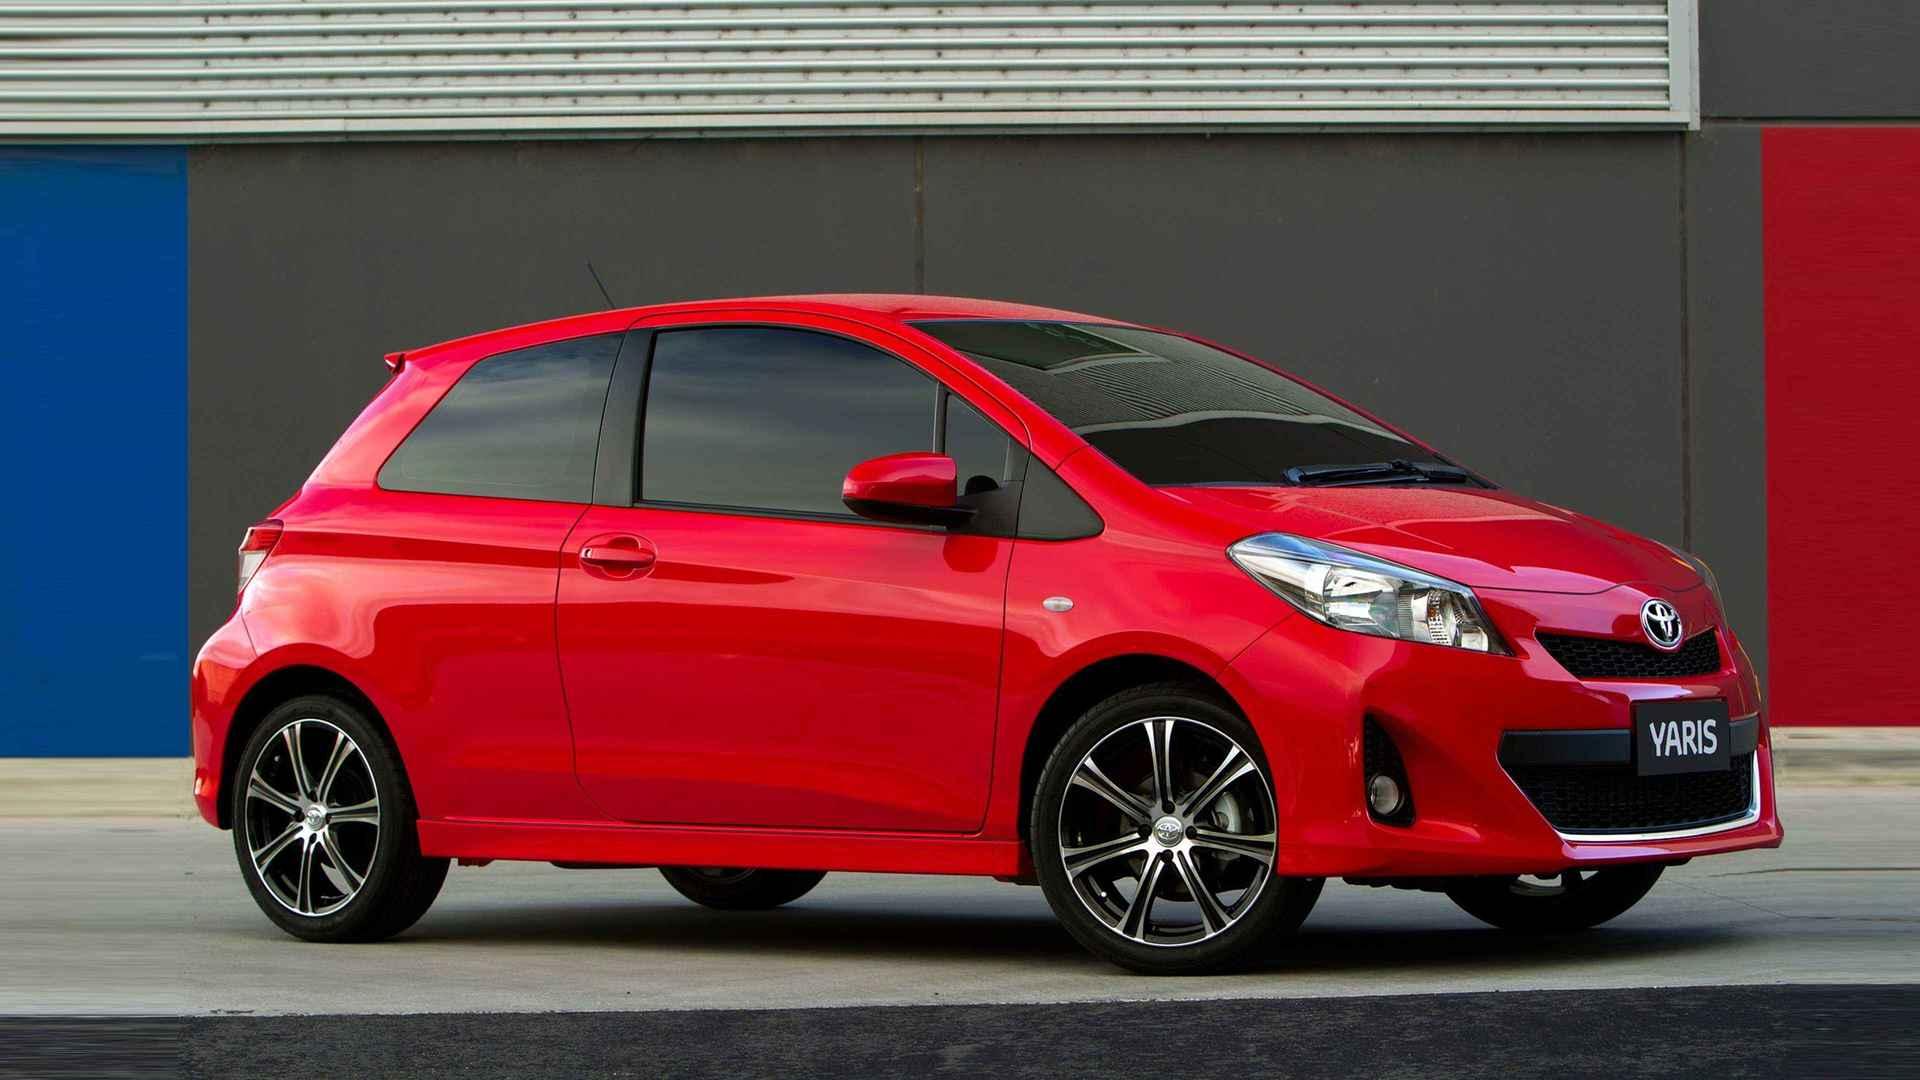 Toyota Yaris 3dv.